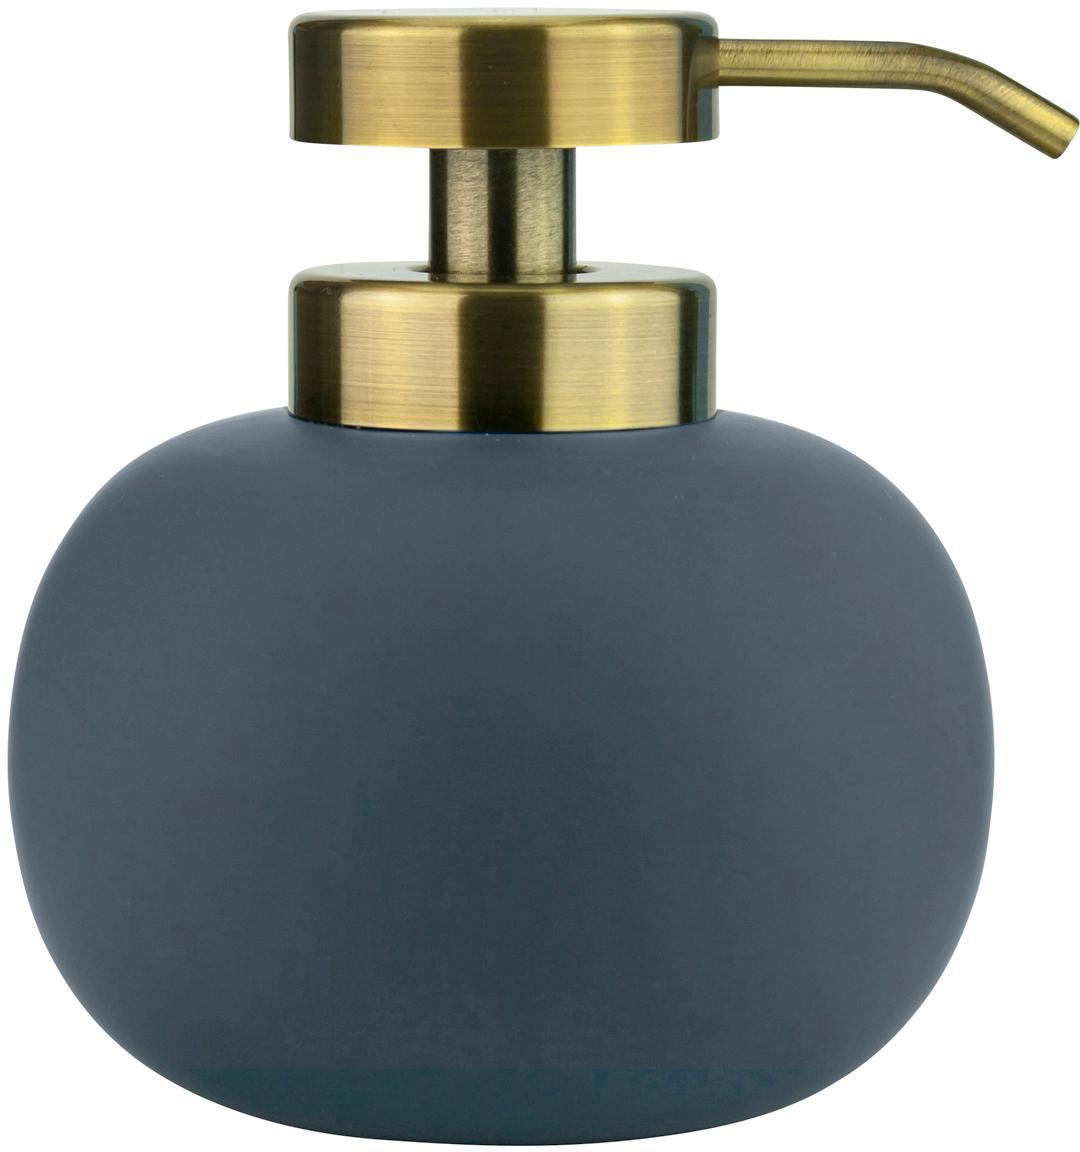 Dosificador de jabón Lotus, Recipiente: cerámica, Dosificador: metal, recubierto, Azul, latón, Ø 11 x Al 13 cm